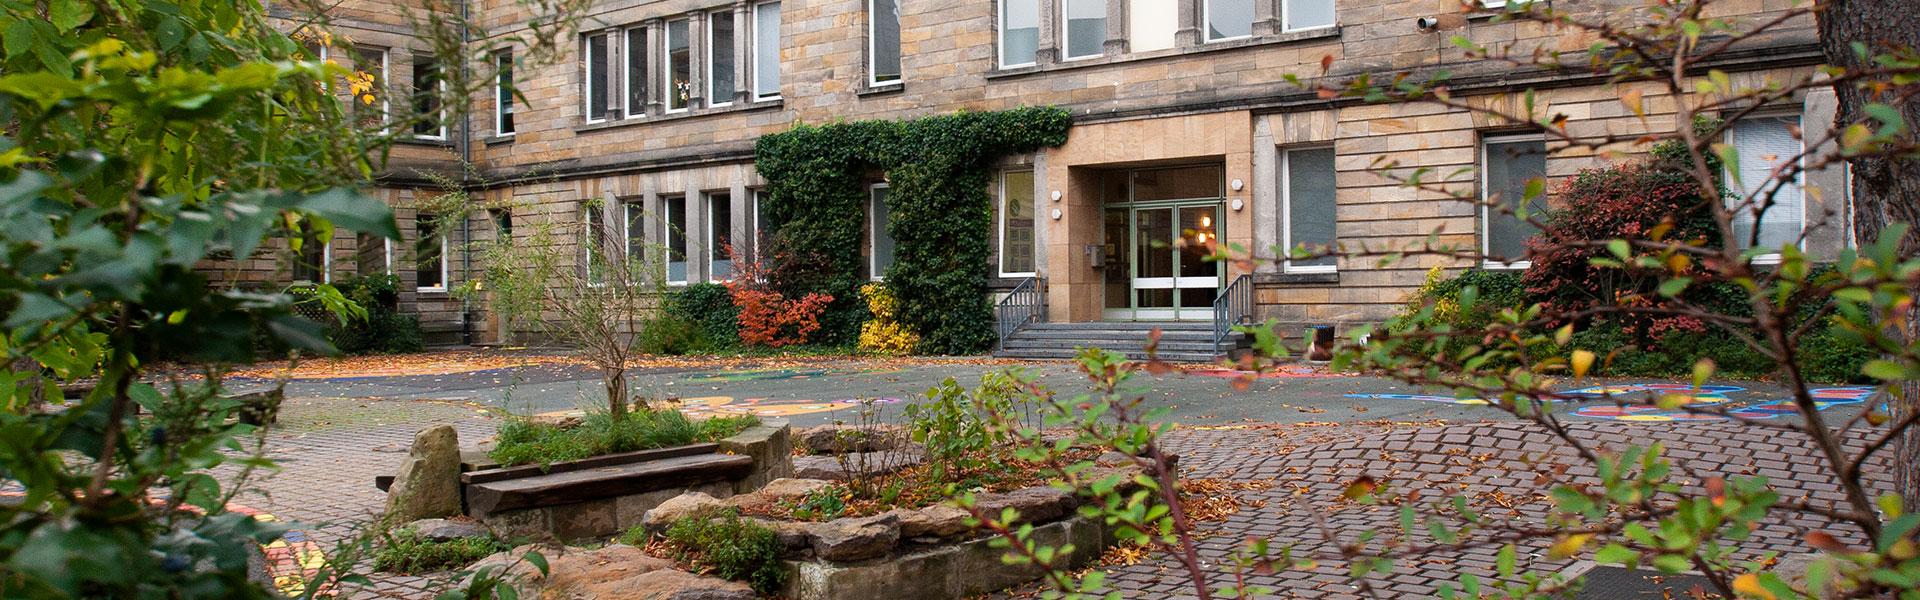 Graservolksschule Schulhof mit Blick auf den Eingang